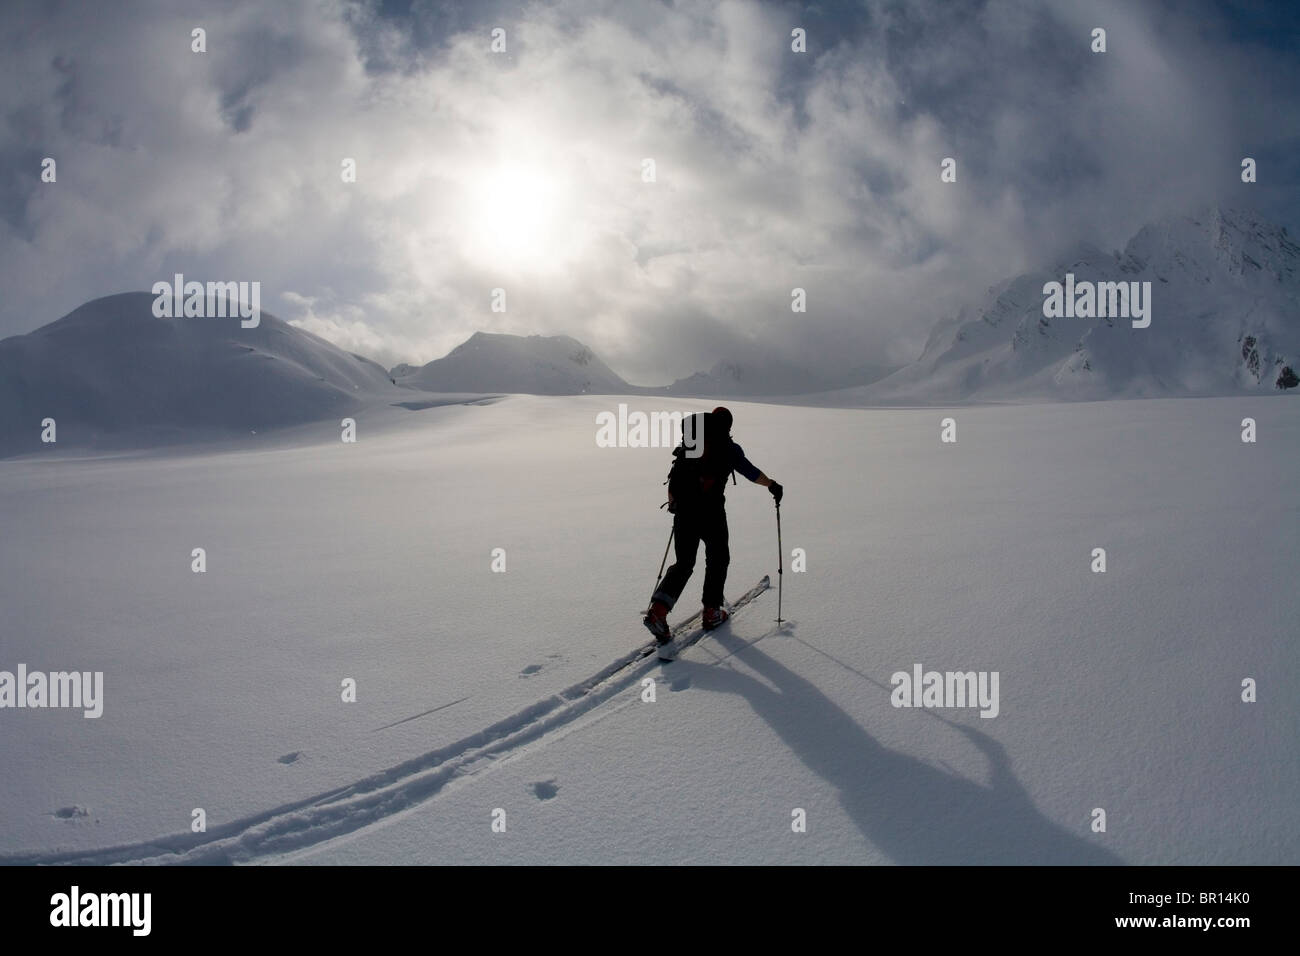 La skieuse de l'arrière-pays traverse sous feu glacier jour ciel d'orage. Banque D'Images